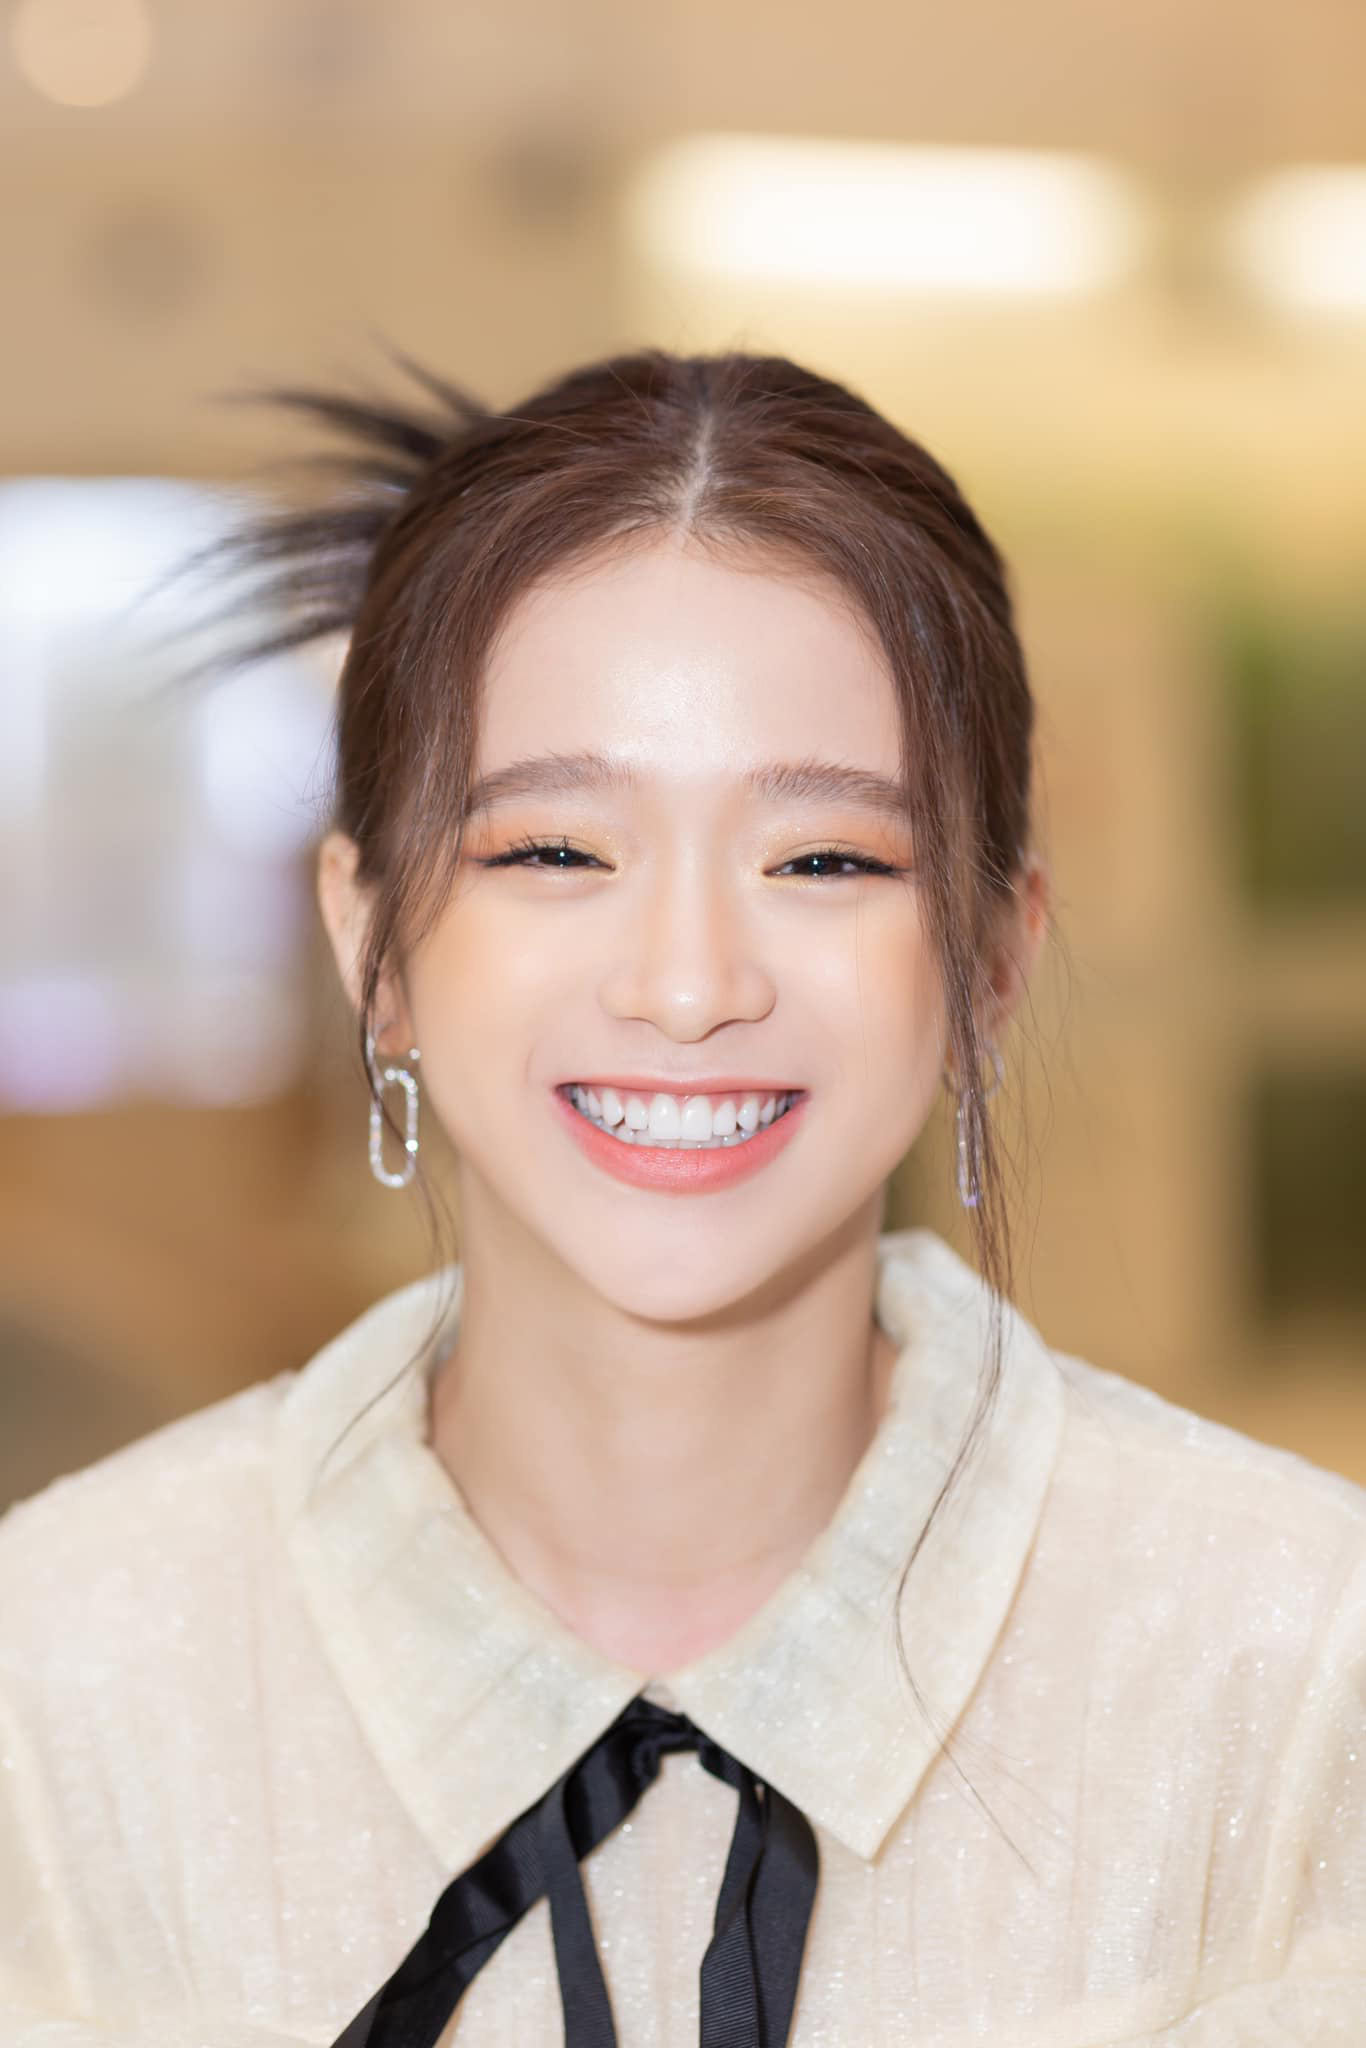 Khoe nhan sắc ngọt như đường, hot girl Linh Ka được khen hết lời